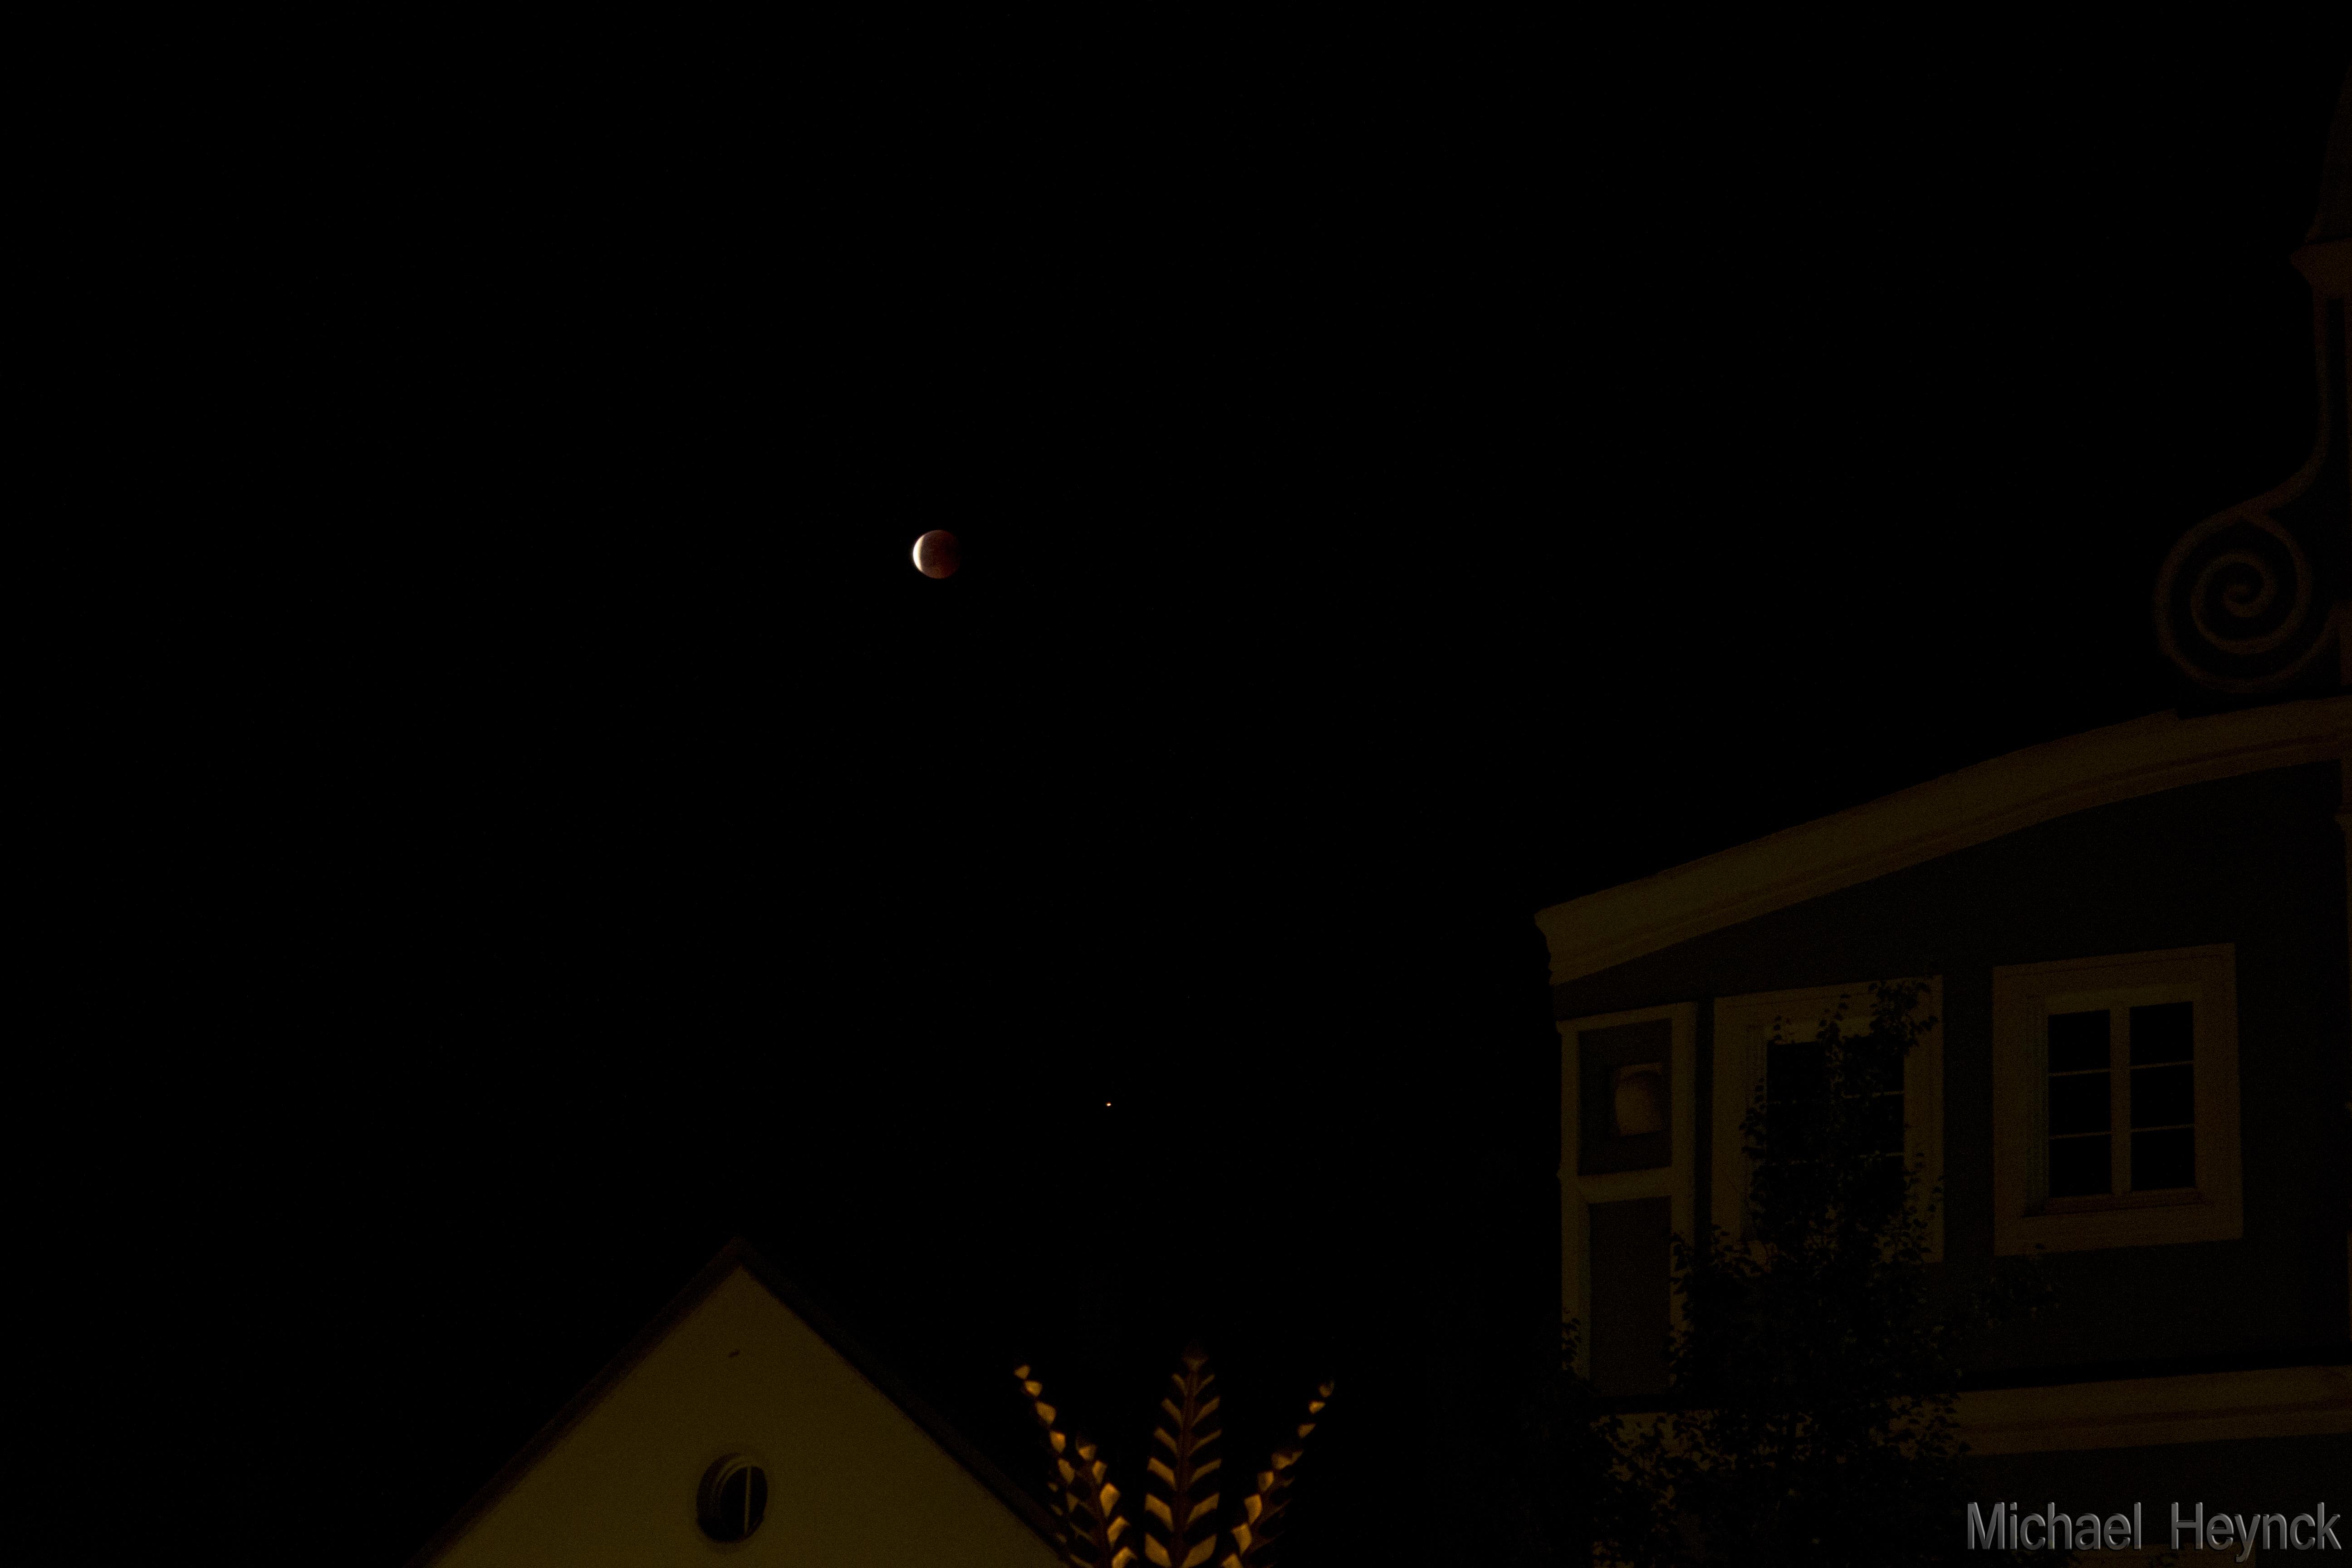 Mondfinsternis: 23:27 Uhr